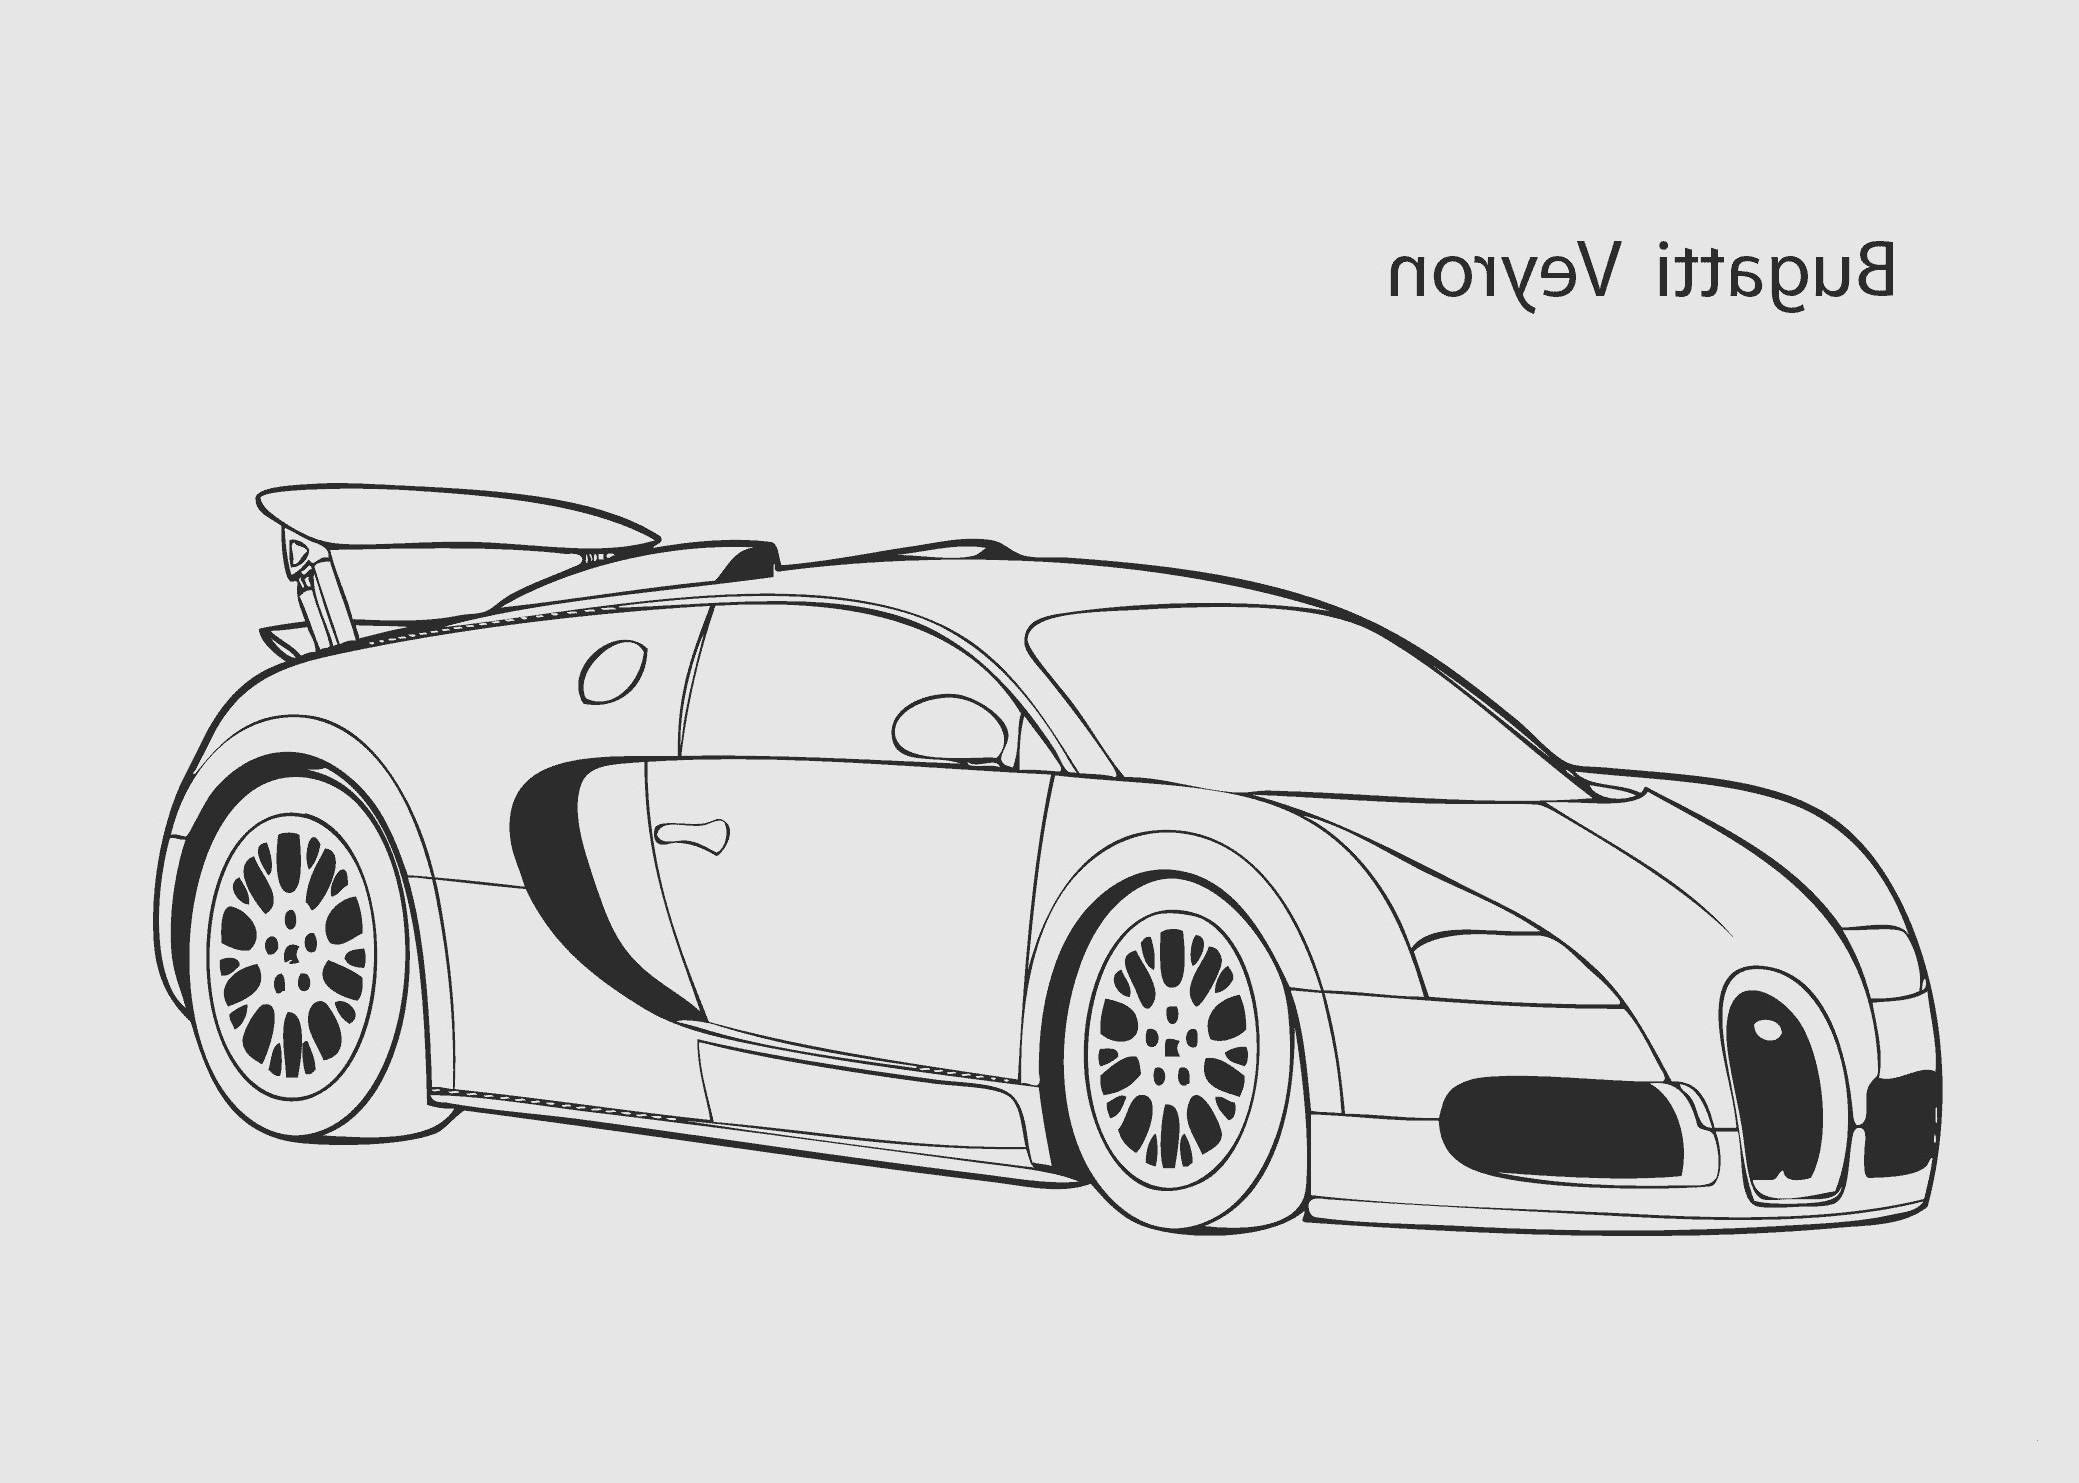 Ausmalbilder Bugatti Chiron Frisch 33 Elegant Malvorlage Auto Einfach – Malvorlagen Ideen Bild